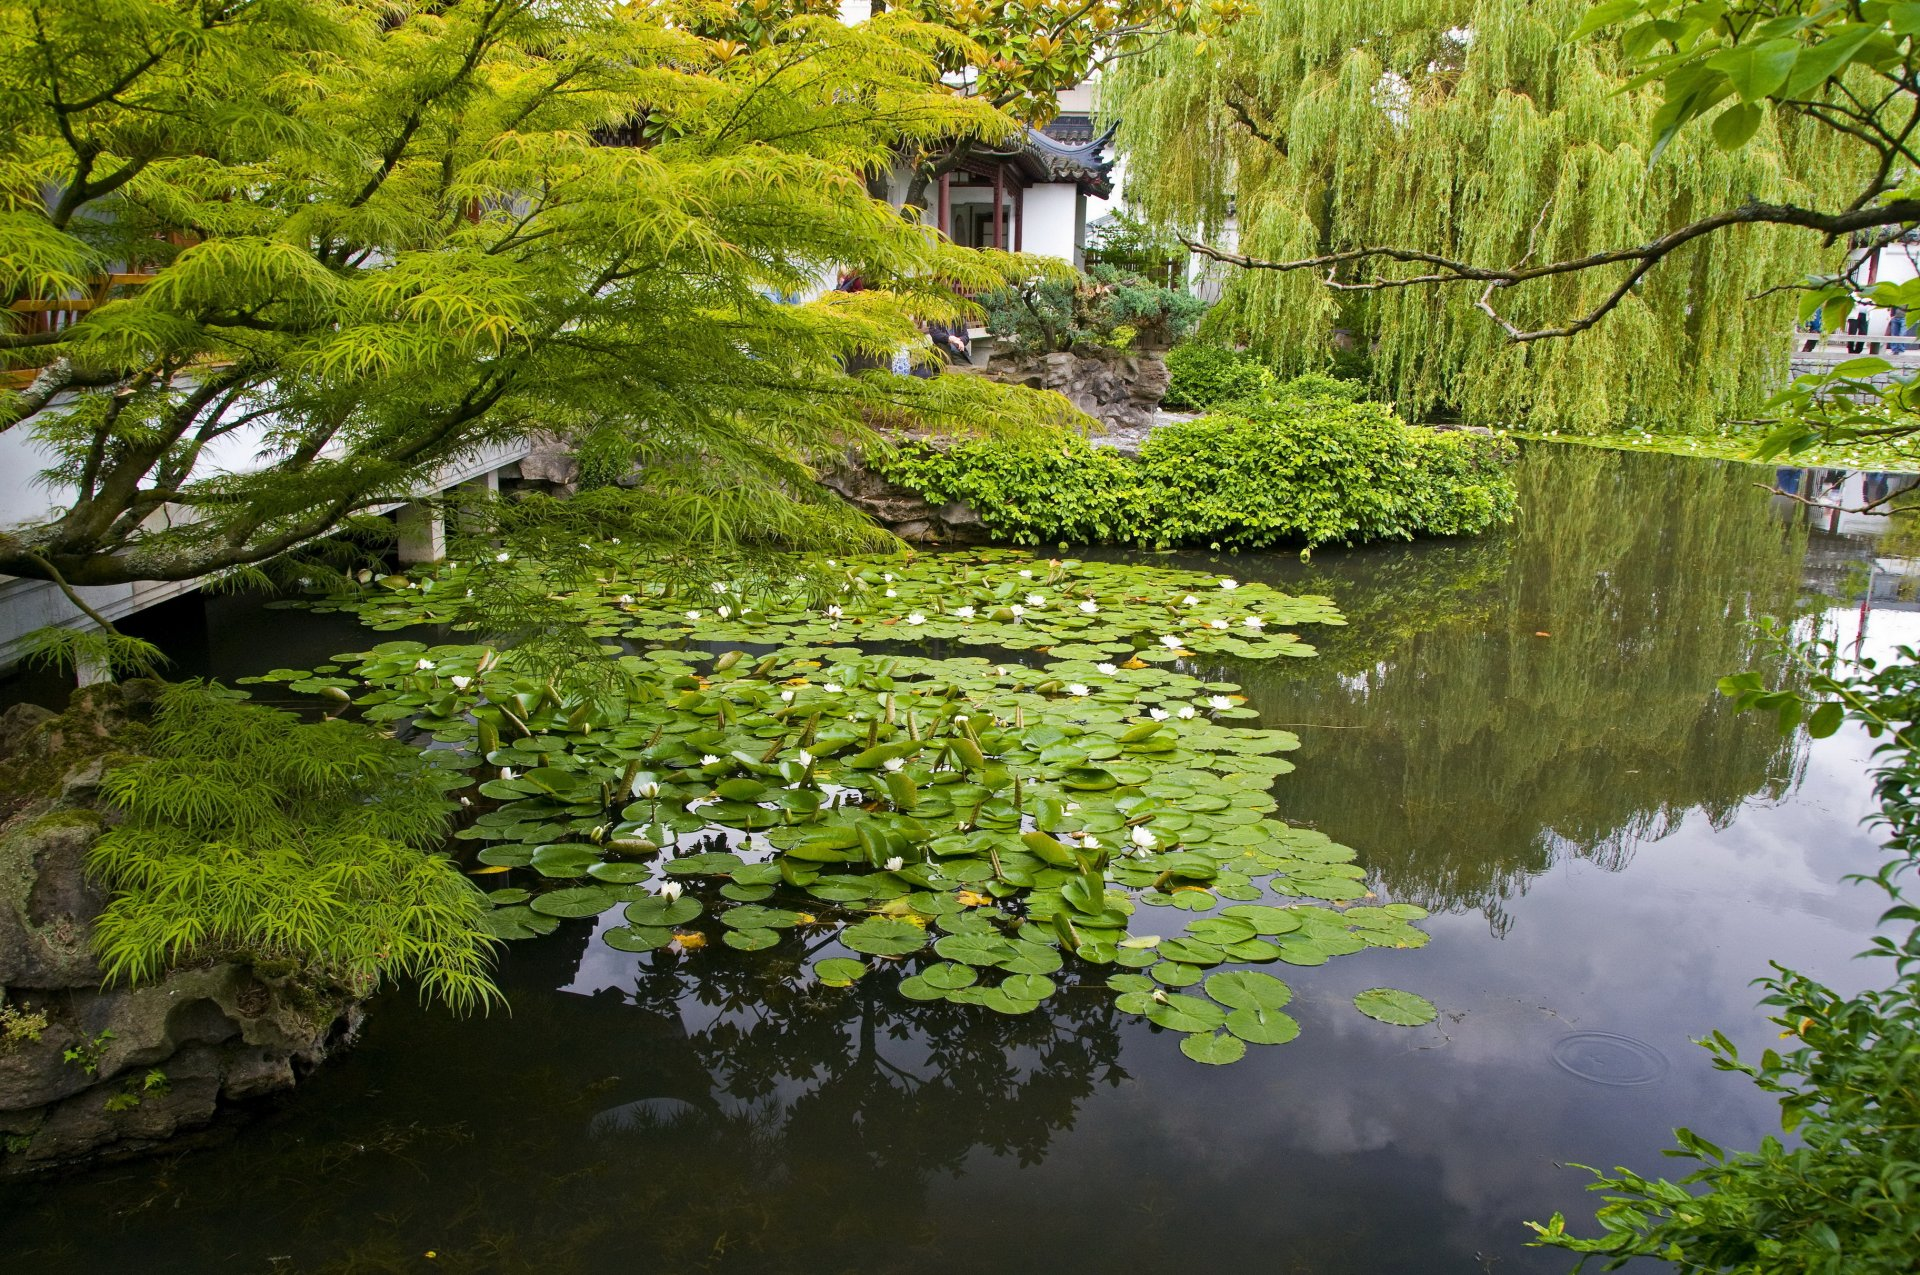 водоем в саду красивые картинки них